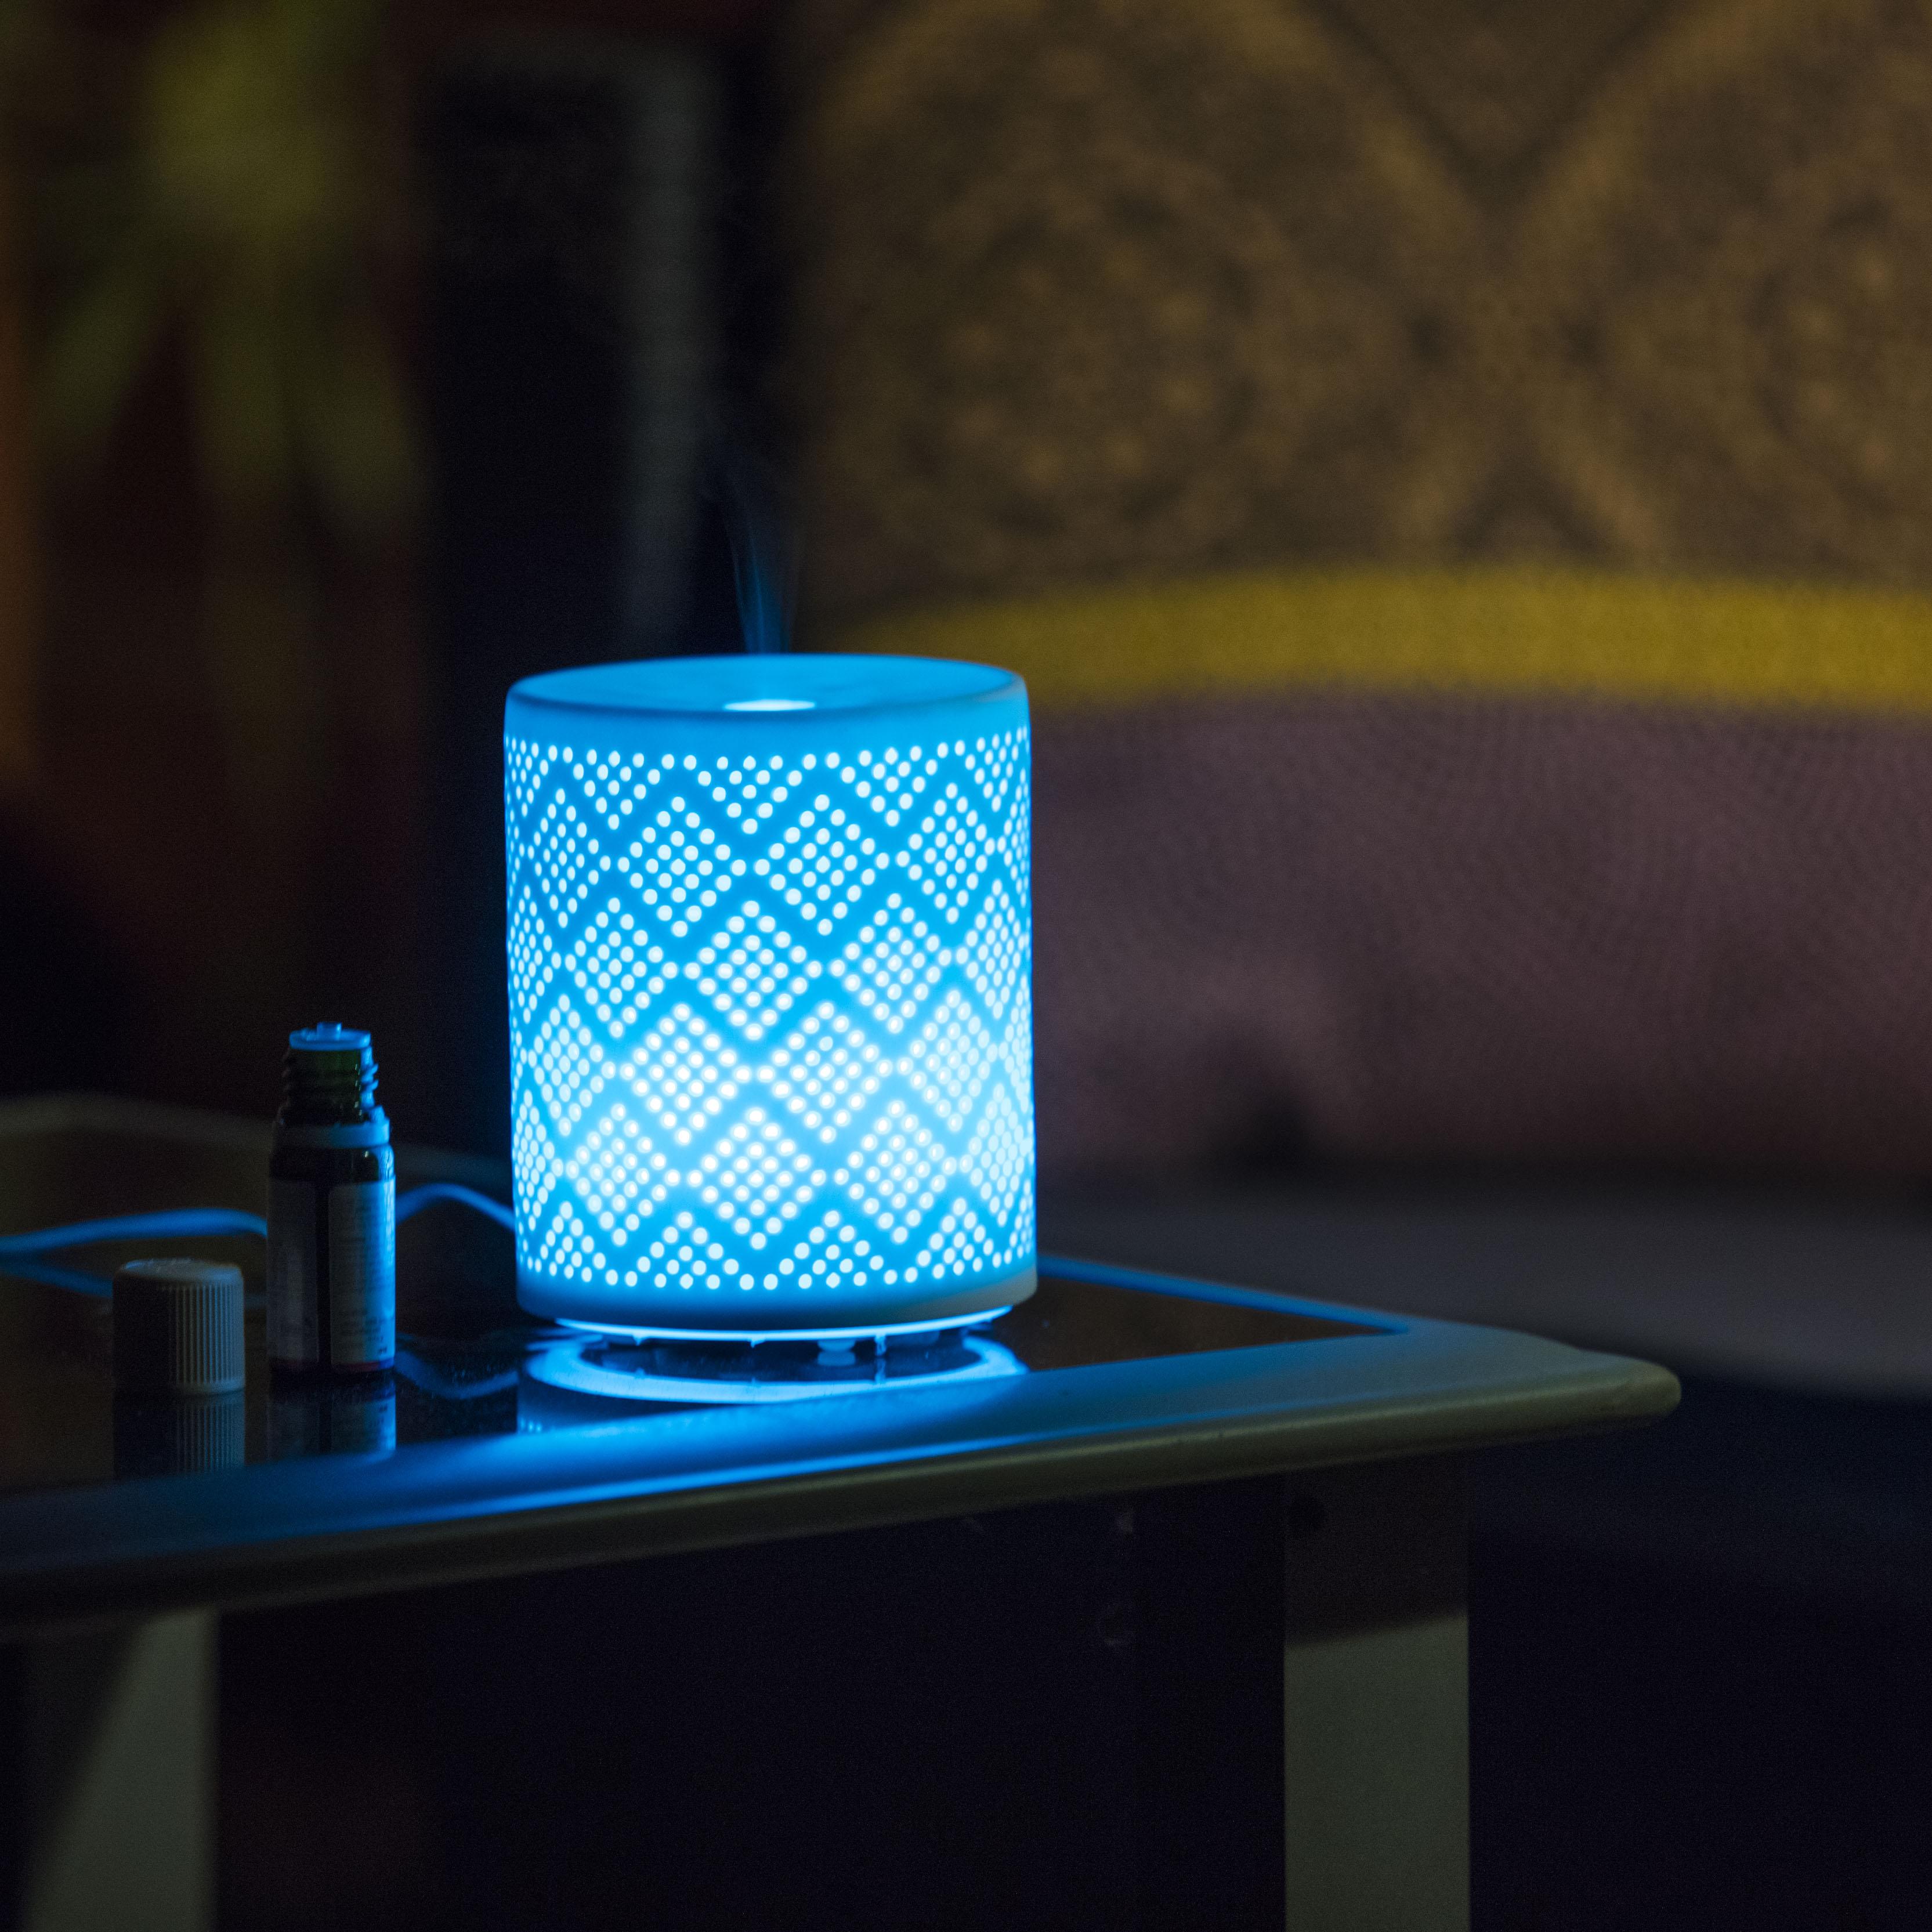 Le diffuseur Ceralia illuminé de lumière bleue